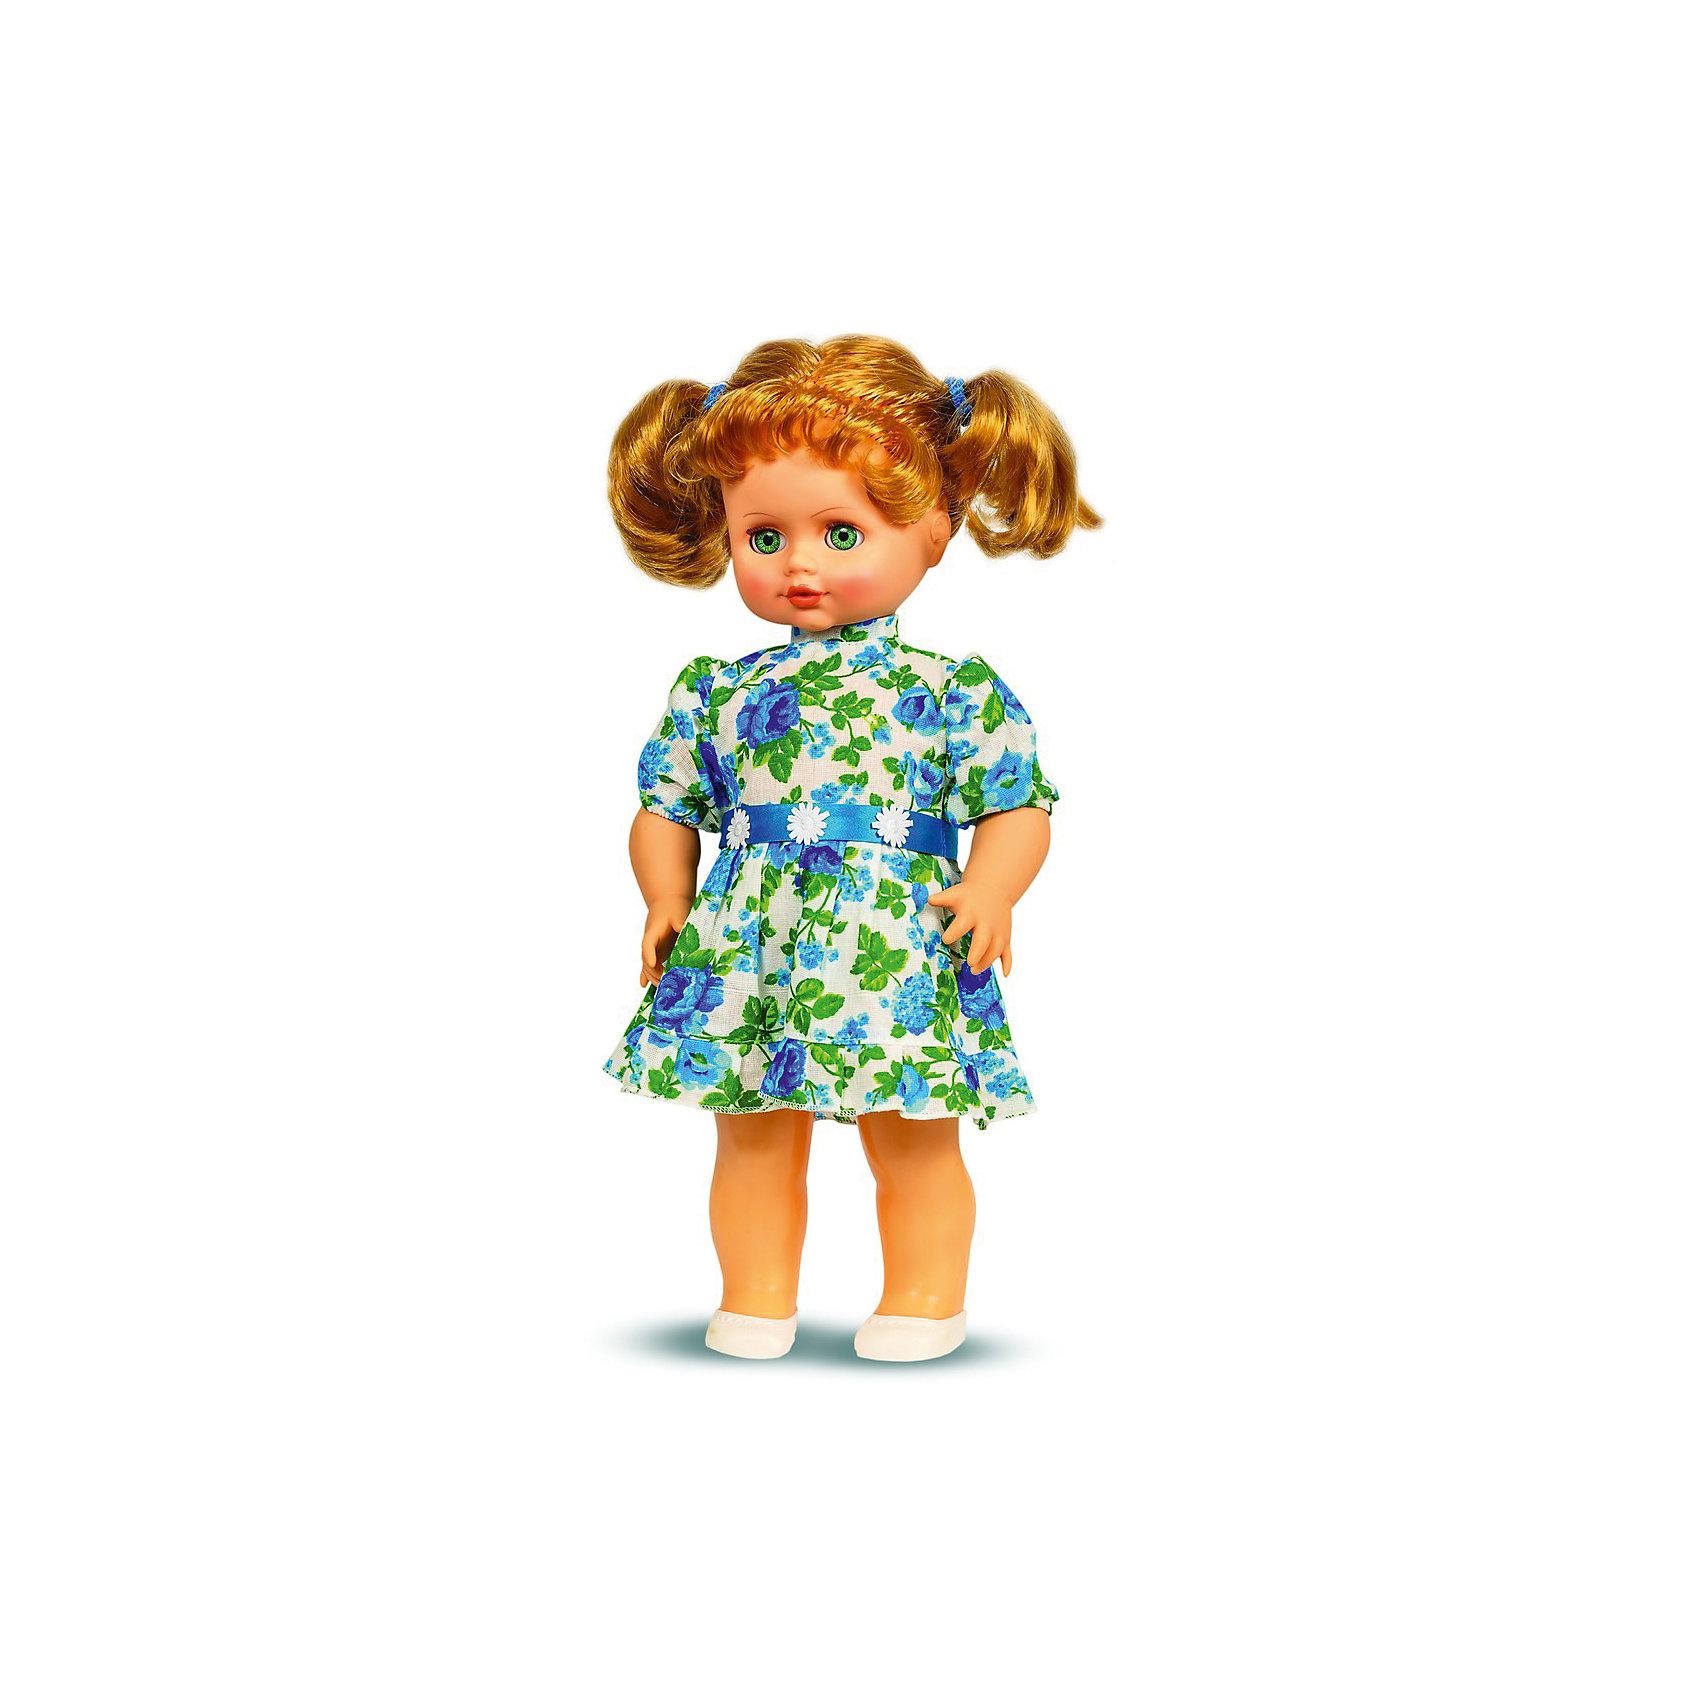 Кукла Инна 44, со звуком, 43 см, ВеснаКрасивая кукла Инна - отличный подарок девочке! Кукла для девочки - это не только игрушка, с которой можно весело провести время, кукла - это возможность отрабатывать навыки поведения в обществе, учиться заботе о других, делать прически и одеваться согласно моде и поводу.<br>Эта красивая классическая кукла не только эффектно выглядит, она дополнена звуковым модулем! Игрушка модно одета и снабжена аксессуарами. Такая кукла запросто может стать самой любимой игрушкой! Произведена из безопасных для ребенка и качественных материалов.<br><br>Дополнительная информация:<br><br>цвет: разноцветный;<br>материал: пластик, текстиль;<br>комплектация: кукла, одежда, аксессуары;<br>высота: 43 см.<br><br>Кукла Инна 44, со звуком, 43 см, от компании Весна можно купить в нашем магазине.<br><br>Ширина мм: 210<br>Глубина мм: 130<br>Высота мм: 430<br>Вес г: 550<br>Возраст от месяцев: 36<br>Возраст до месяцев: 120<br>Пол: Женский<br>Возраст: Детский<br>SKU: 4642023